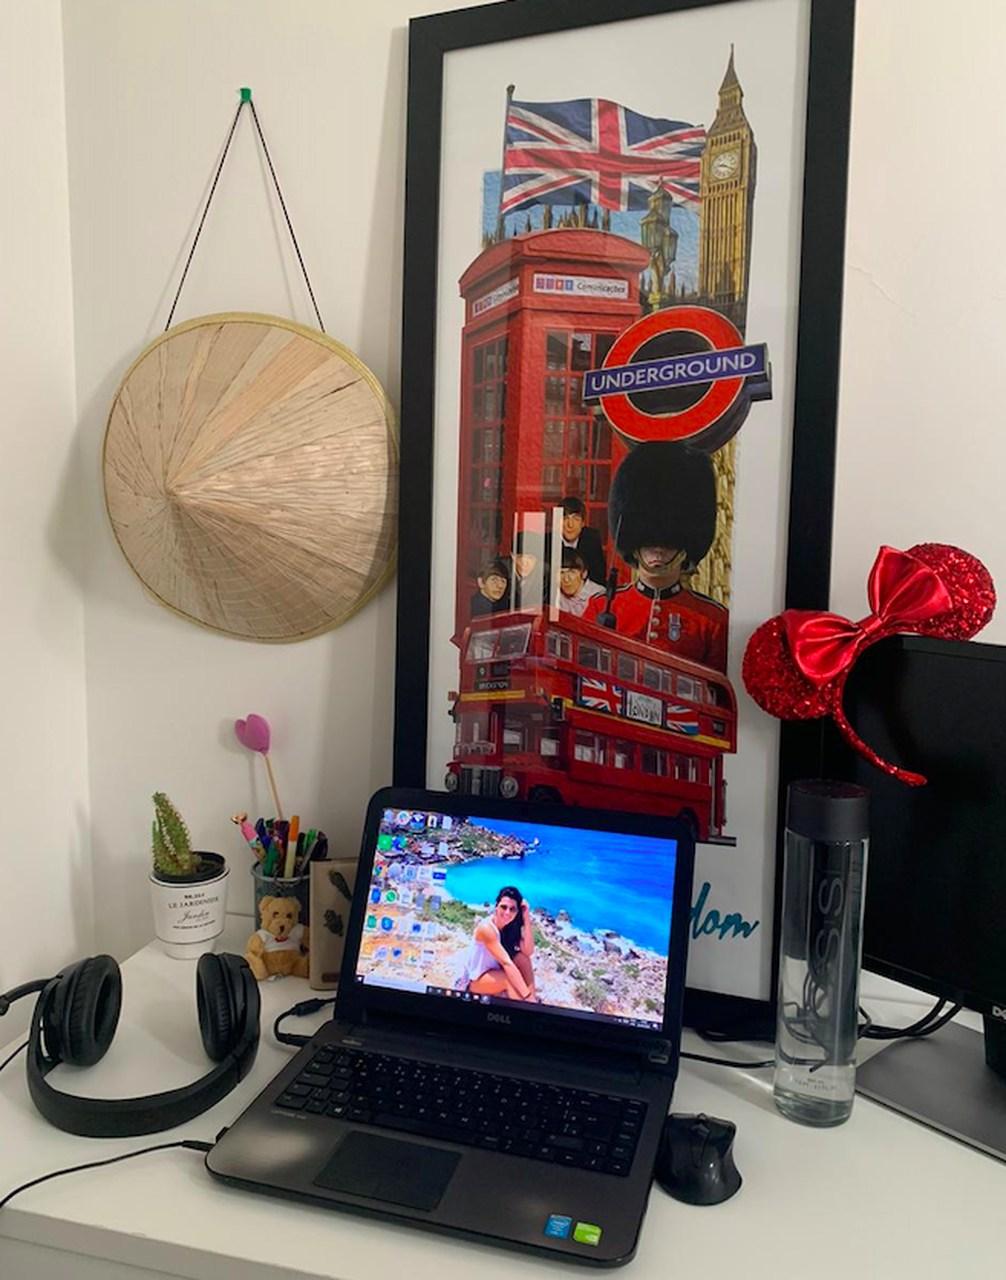 intercambio-direto-home-office-pamela-moraes_Easy-Resize.com